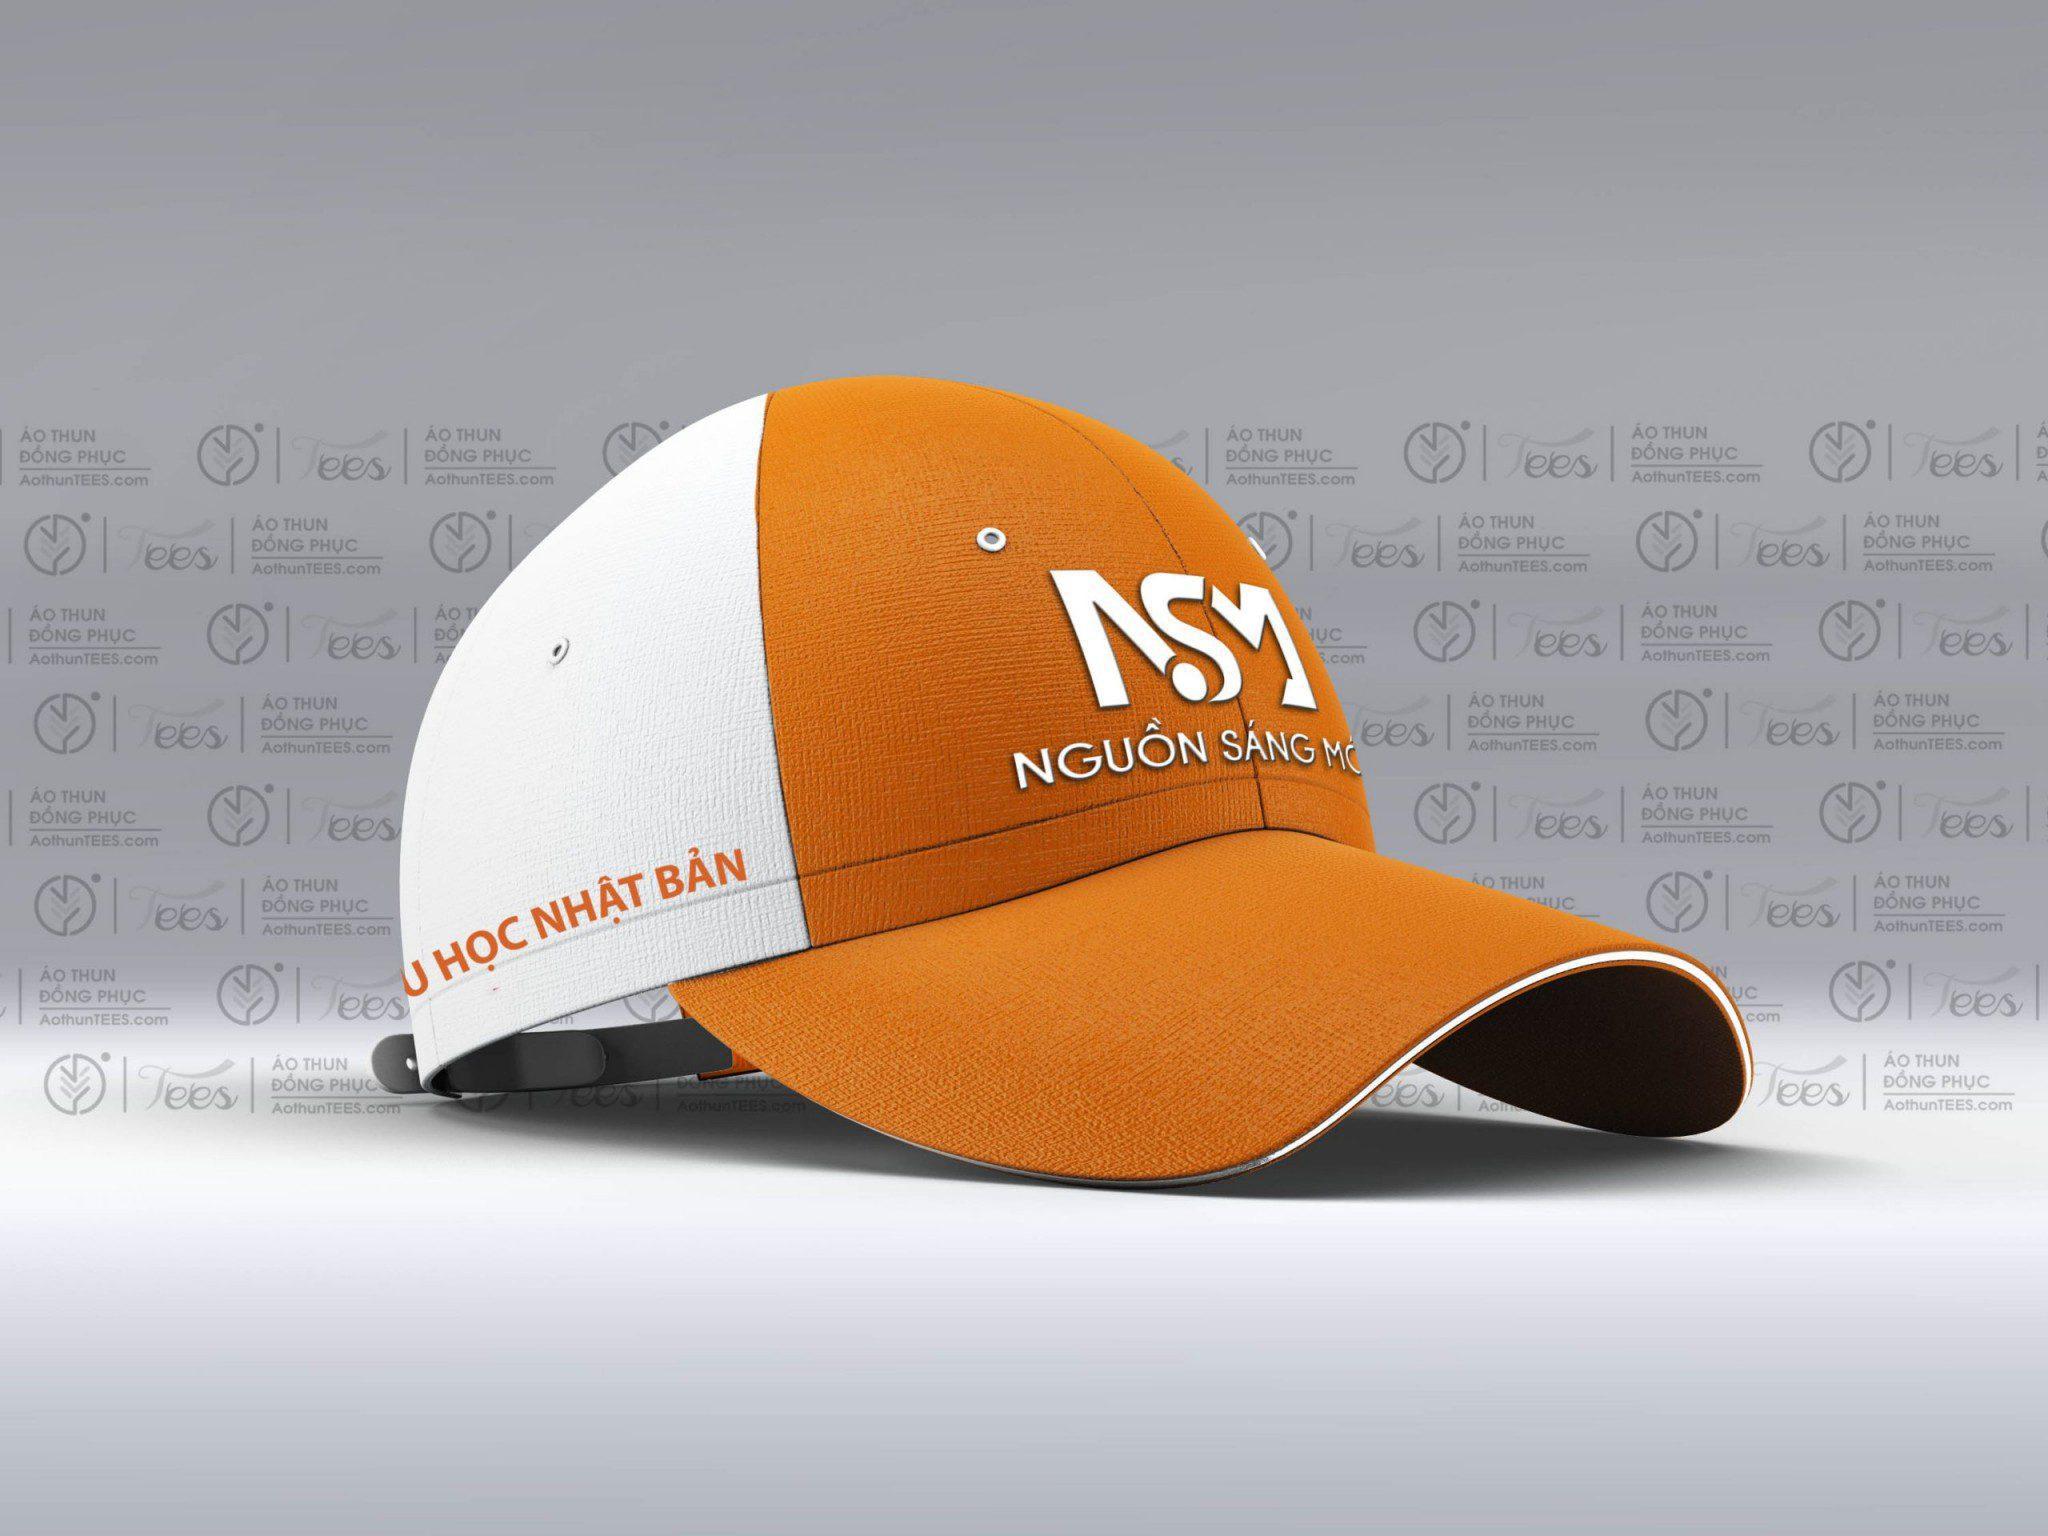 Non dong phuc cty Nguon Sang Moi Snapback Baseball Cap scaled - Áo thun đồng phục Công ty Nguồn sáng mới - Du học Nhật Bản